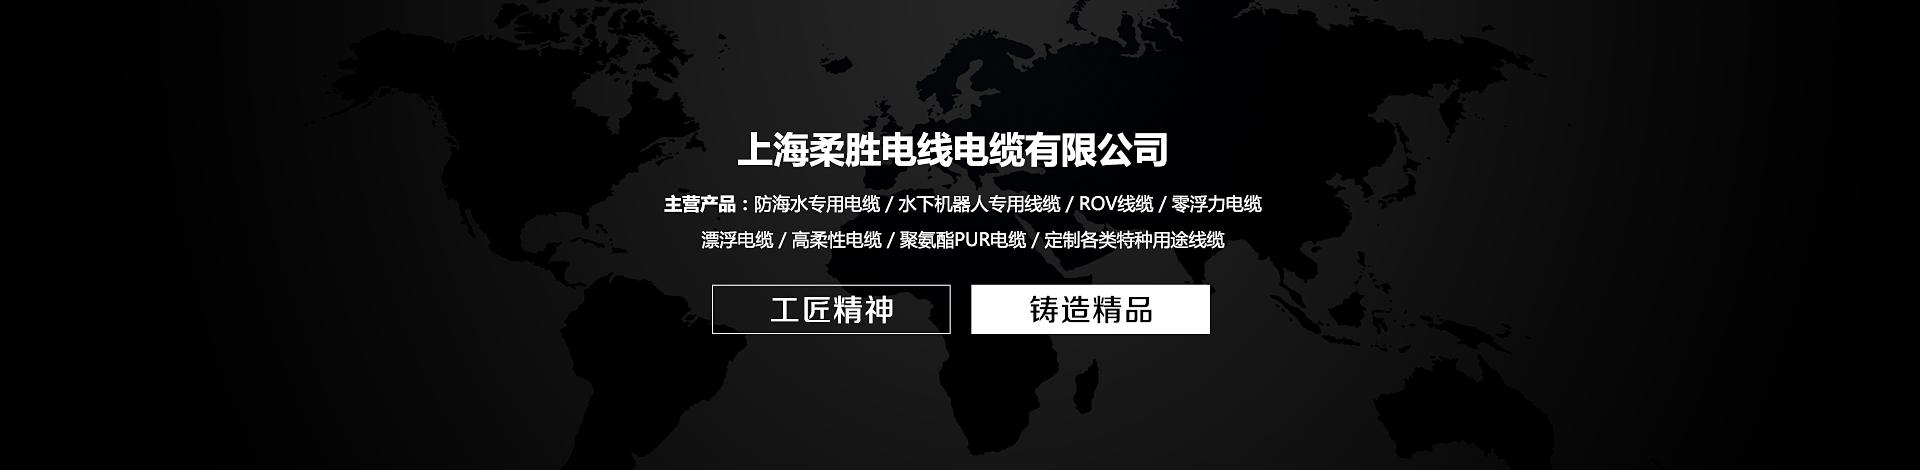 上海柔胜电线电缆有限公司